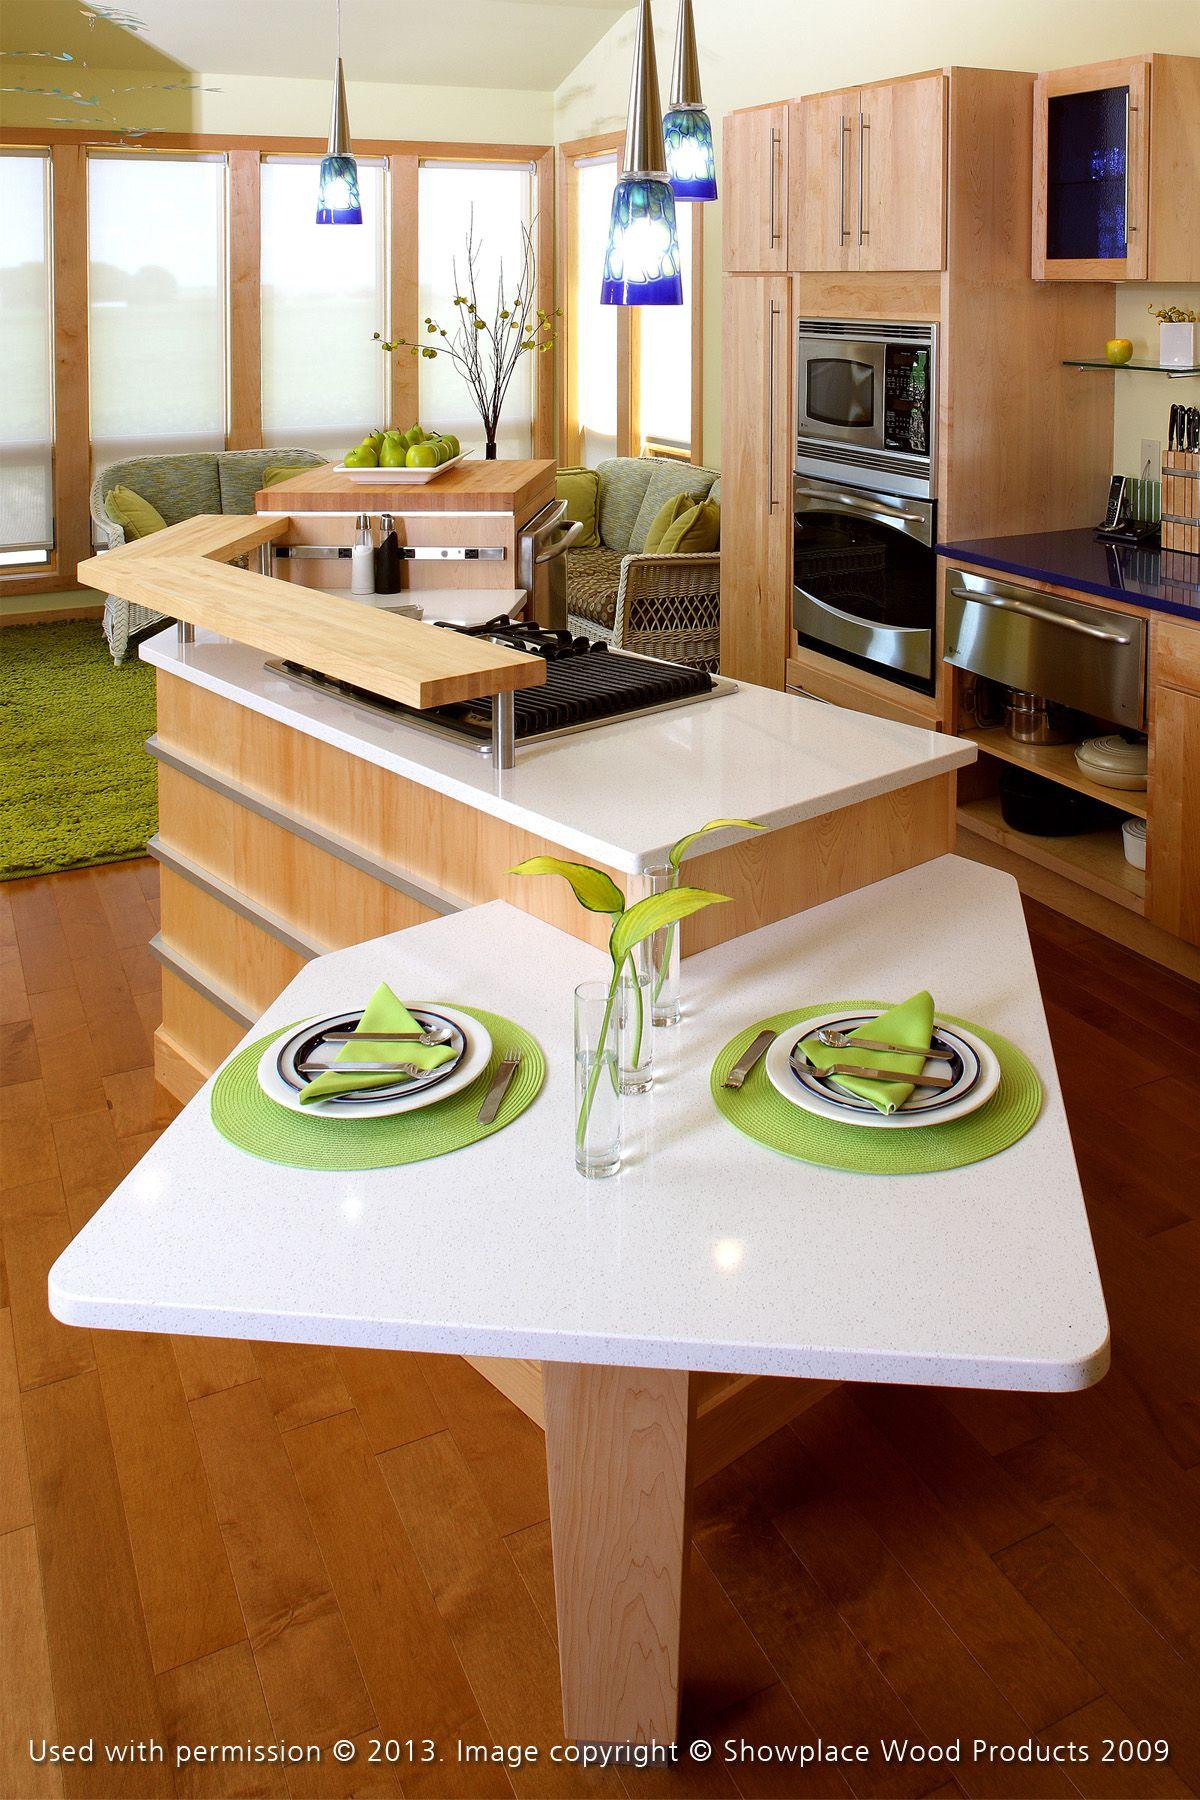 Niedlich Küchenschrank Hardware Nj Galerie - Ideen Für Die Küche ...